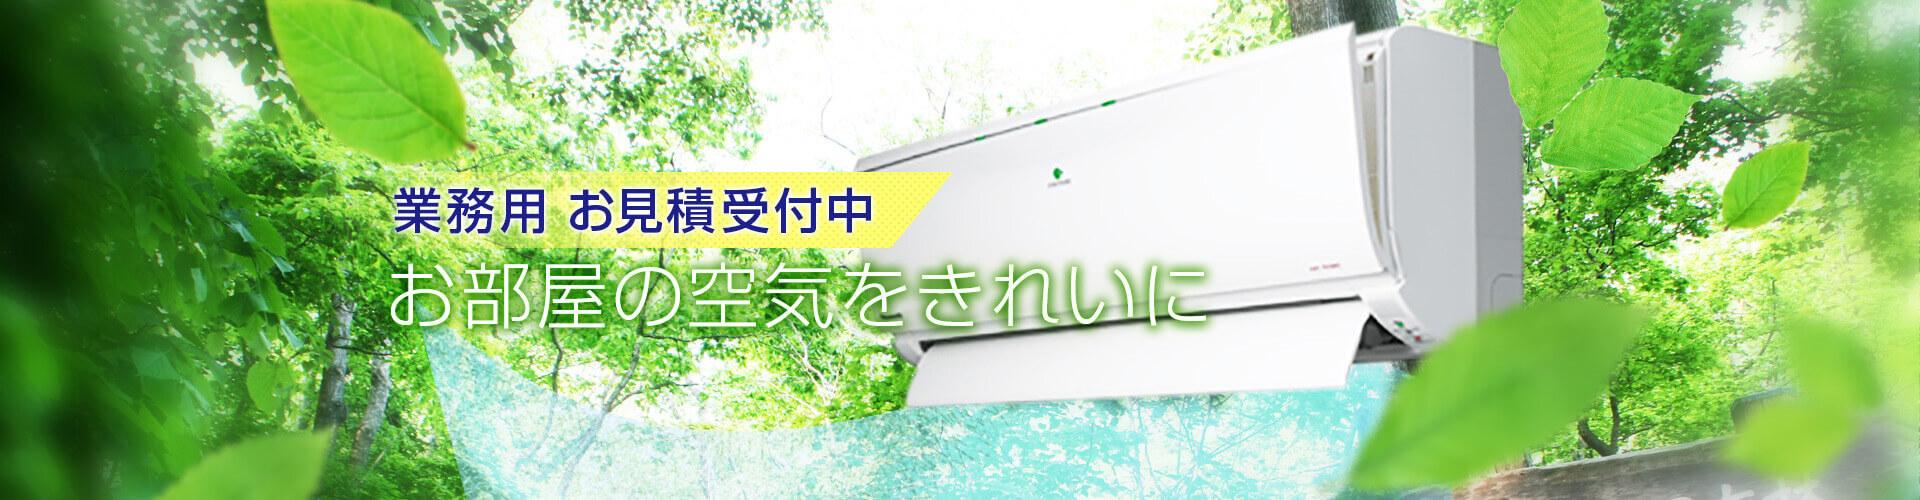 洗浄.com株式会社の業務用エアコン洗浄